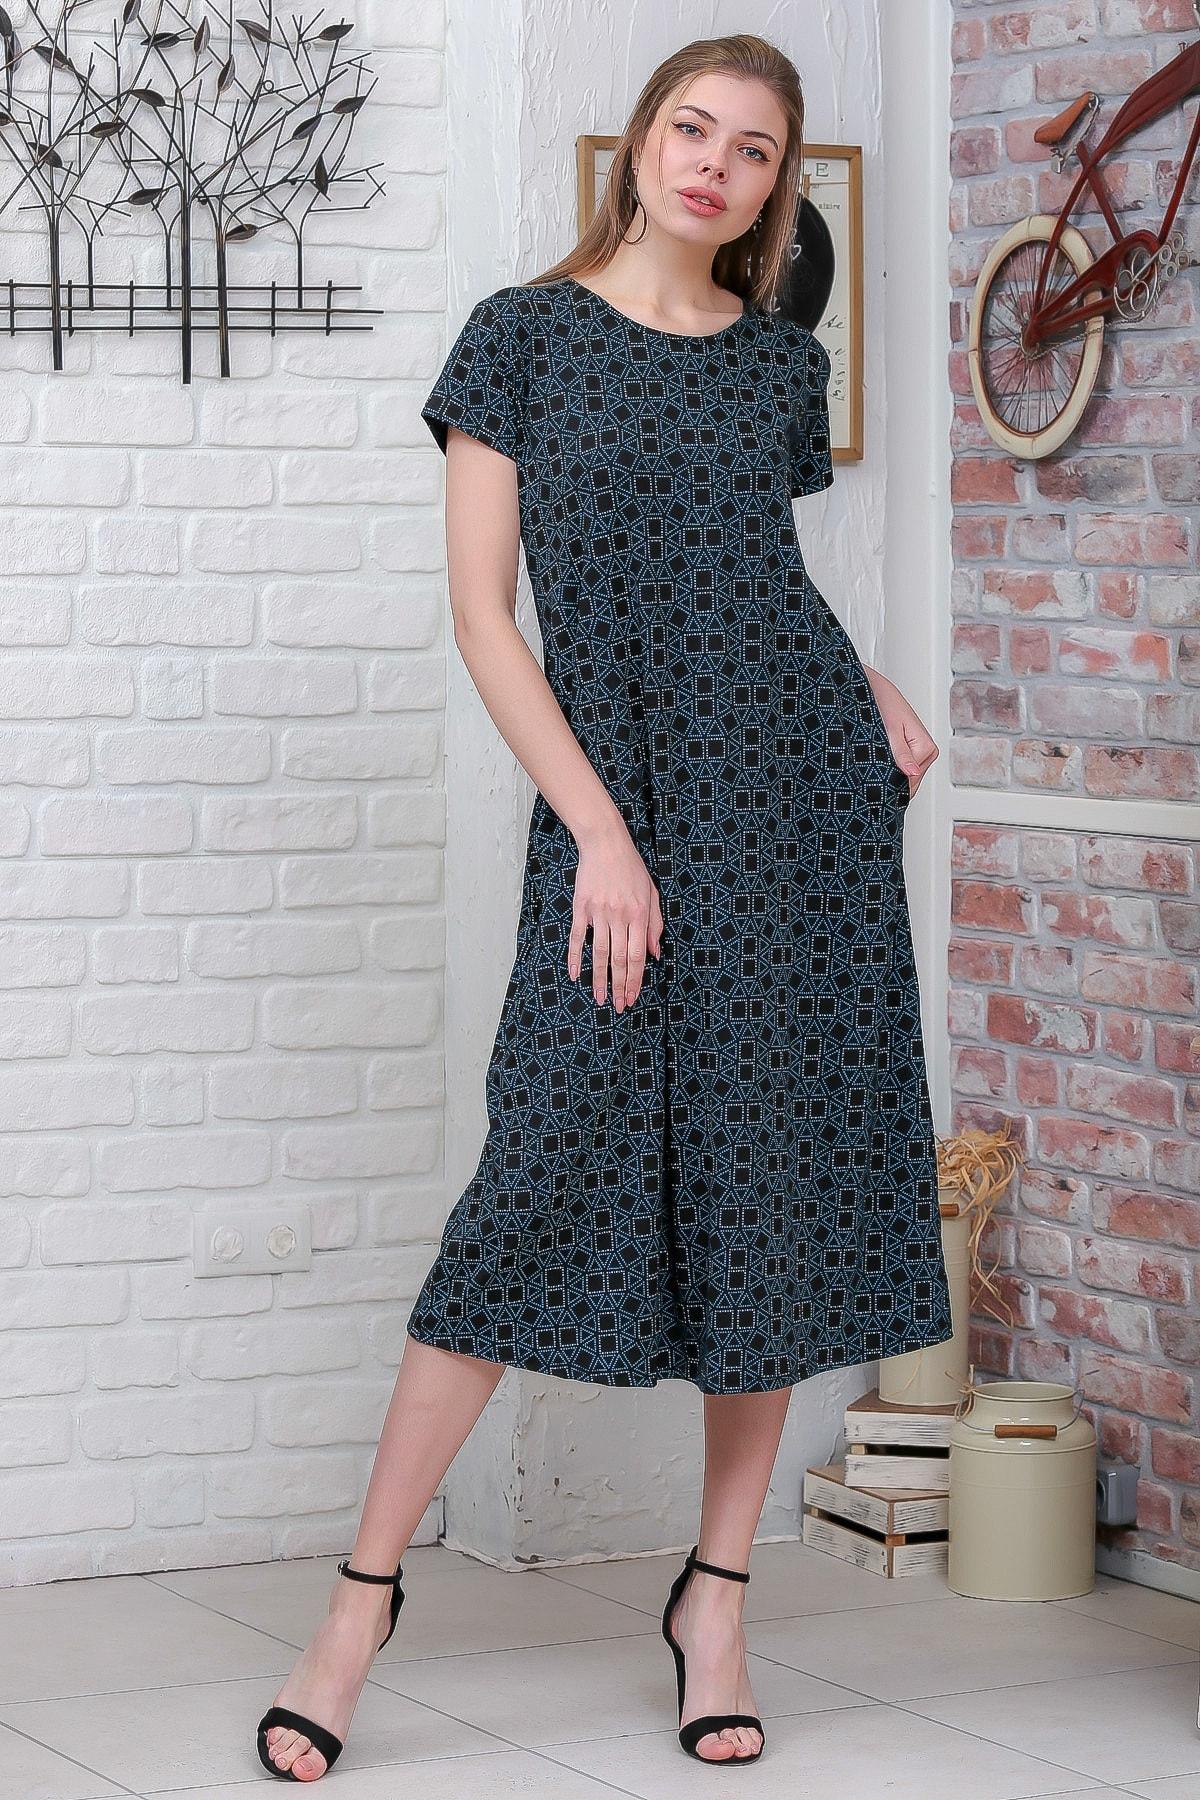 Chiccy Kadın Yeşil Sıfır Yaka Geometrik Desenli Gizli Cepli Salaş Elbise M10160000EL95550 2